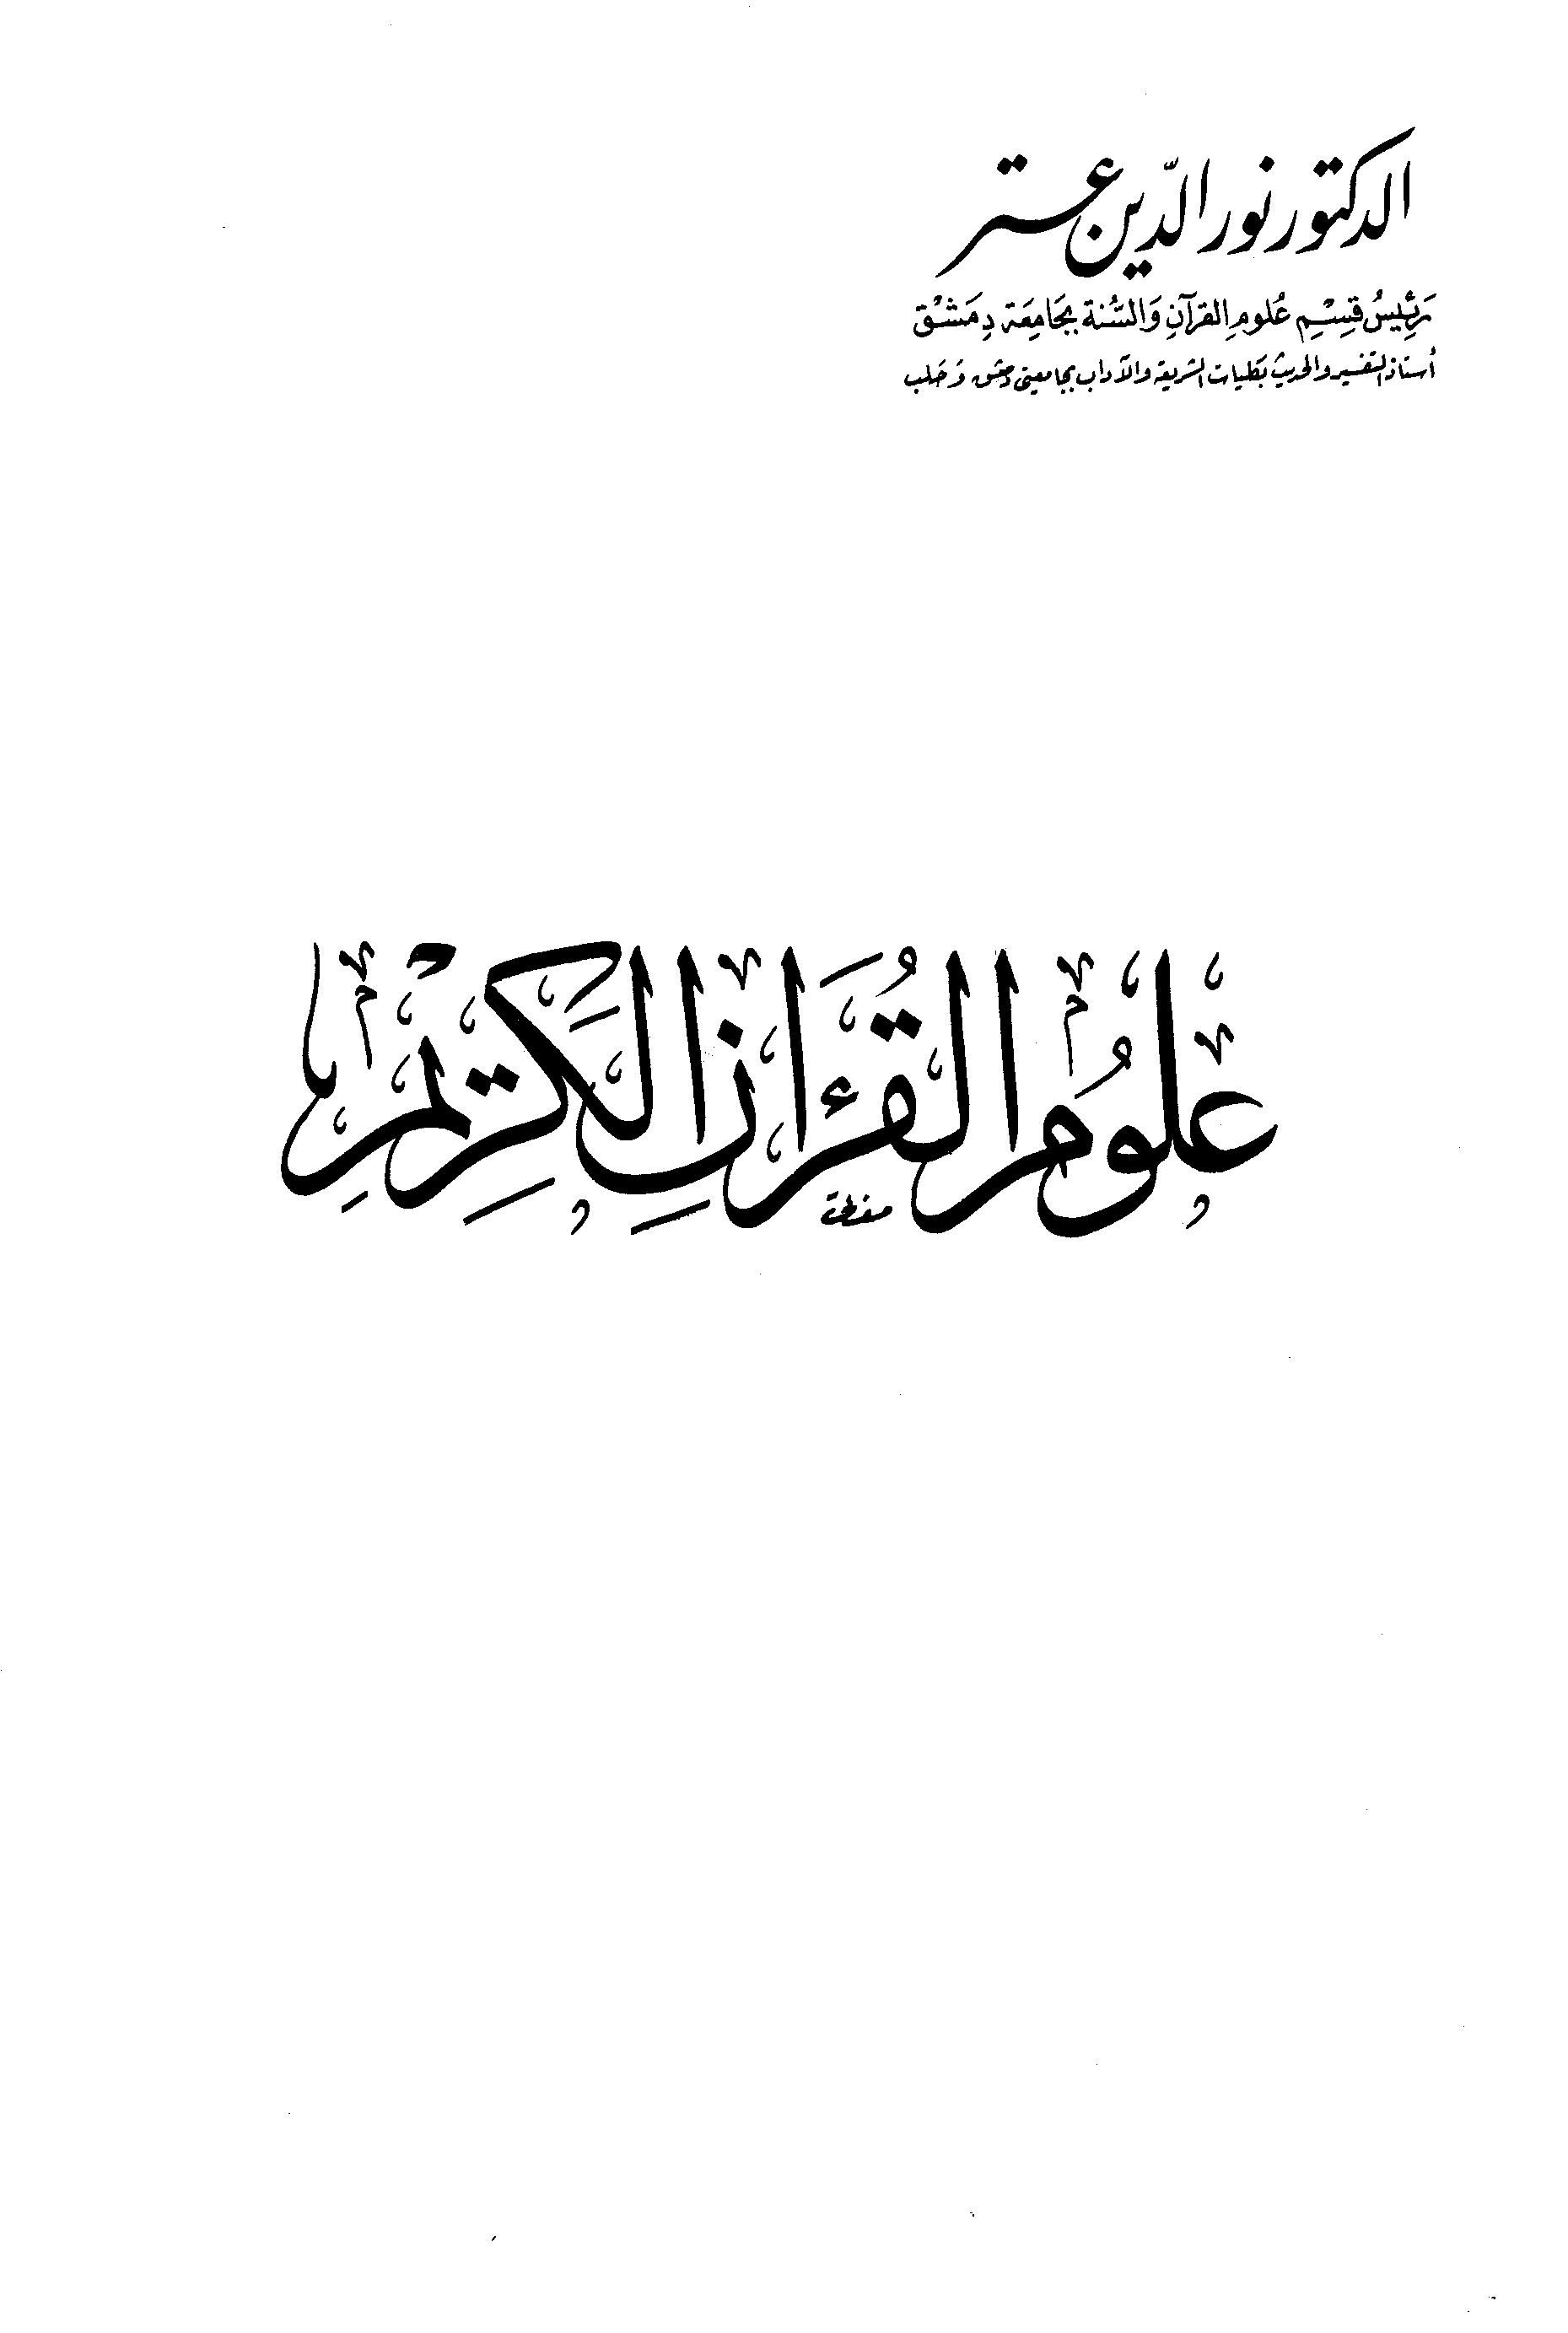 تحميل كتاب علوم القرآن الكريم (نور الدين عتر) لـِ: الدكتور نور الدين محمد عتر الحلبي